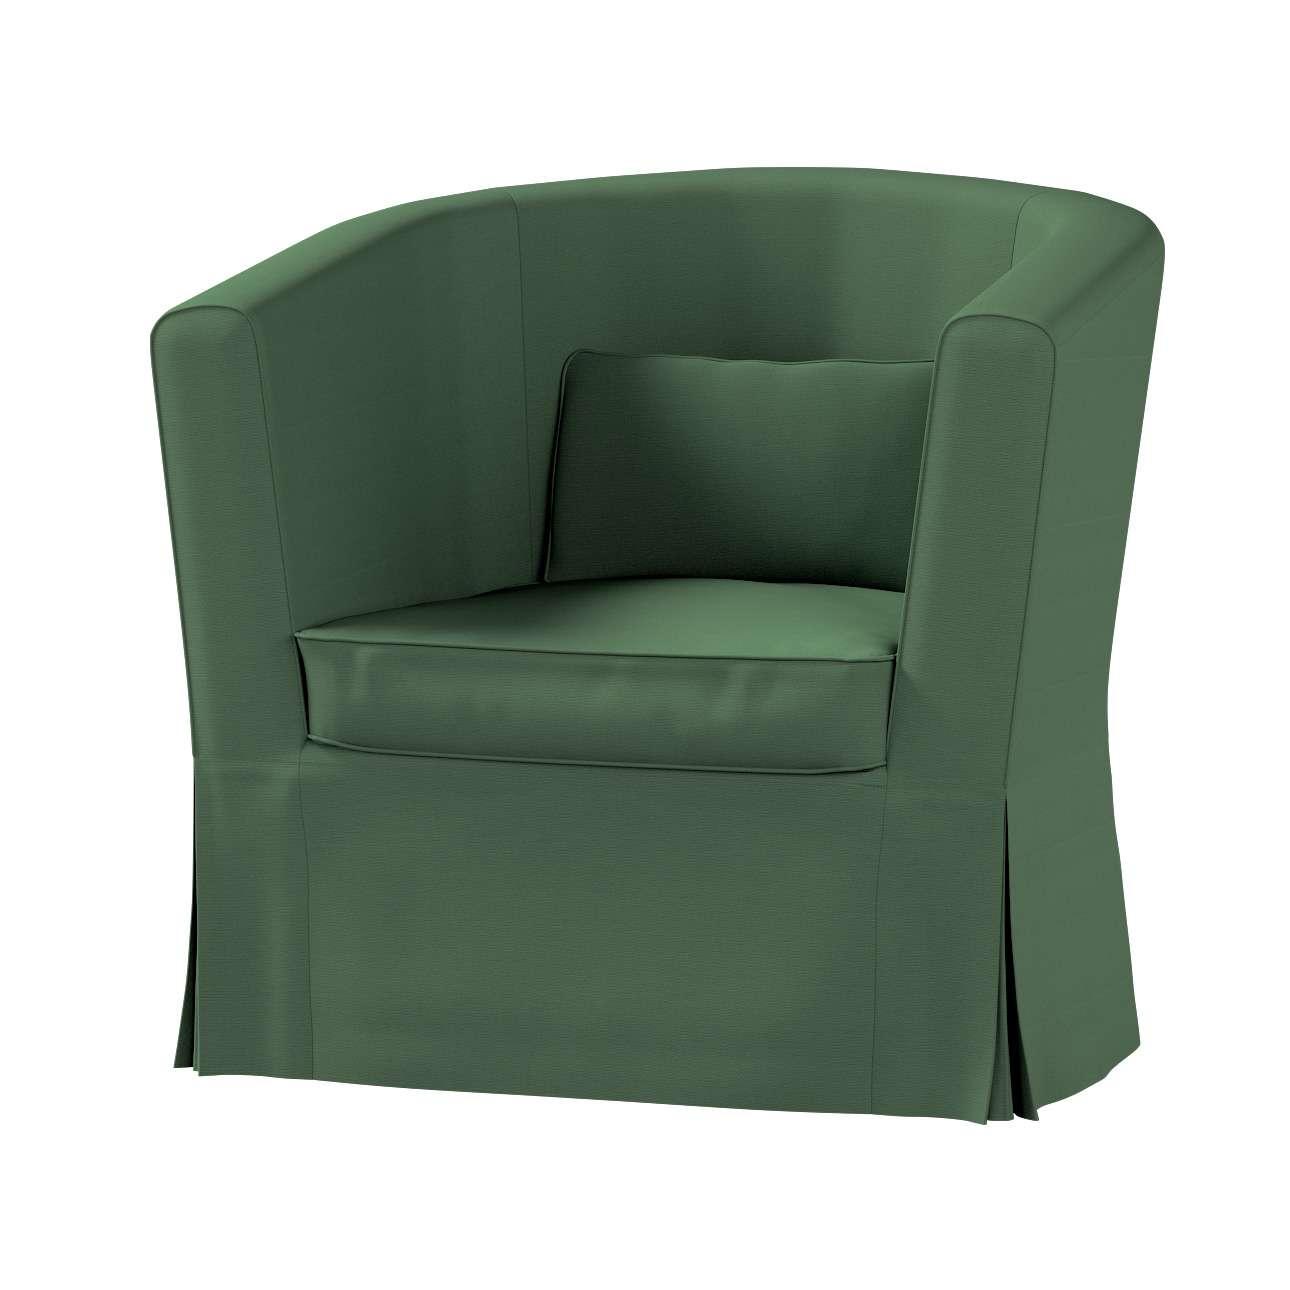 Pokrowiec na fotel Ektorp Tullsta w kolekcji Cotton Panama, tkanina: 702-06